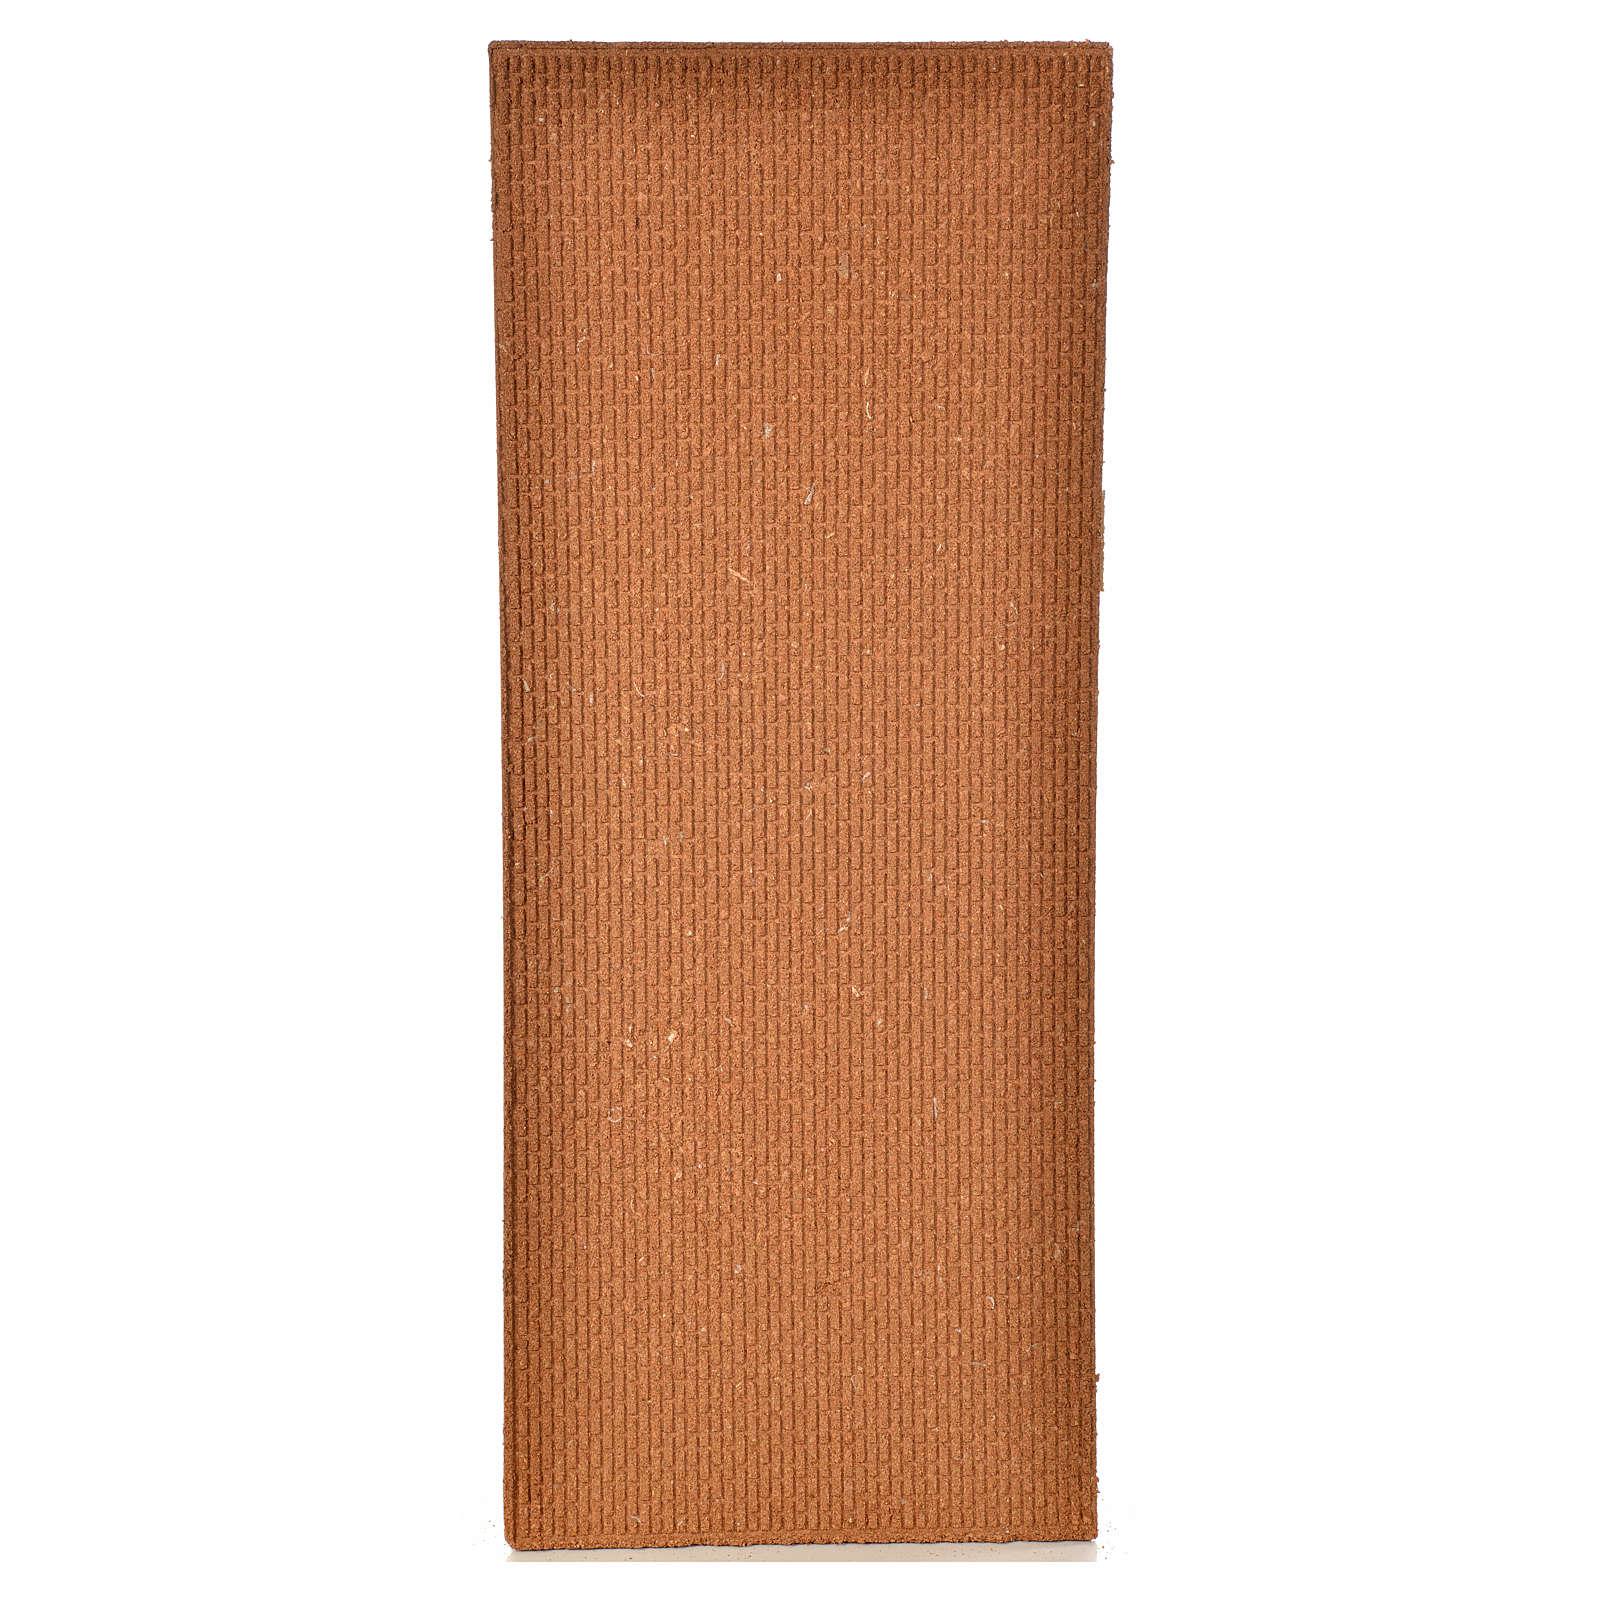 Plancha corcho muro ladrillos pequeños 100x40x1 4